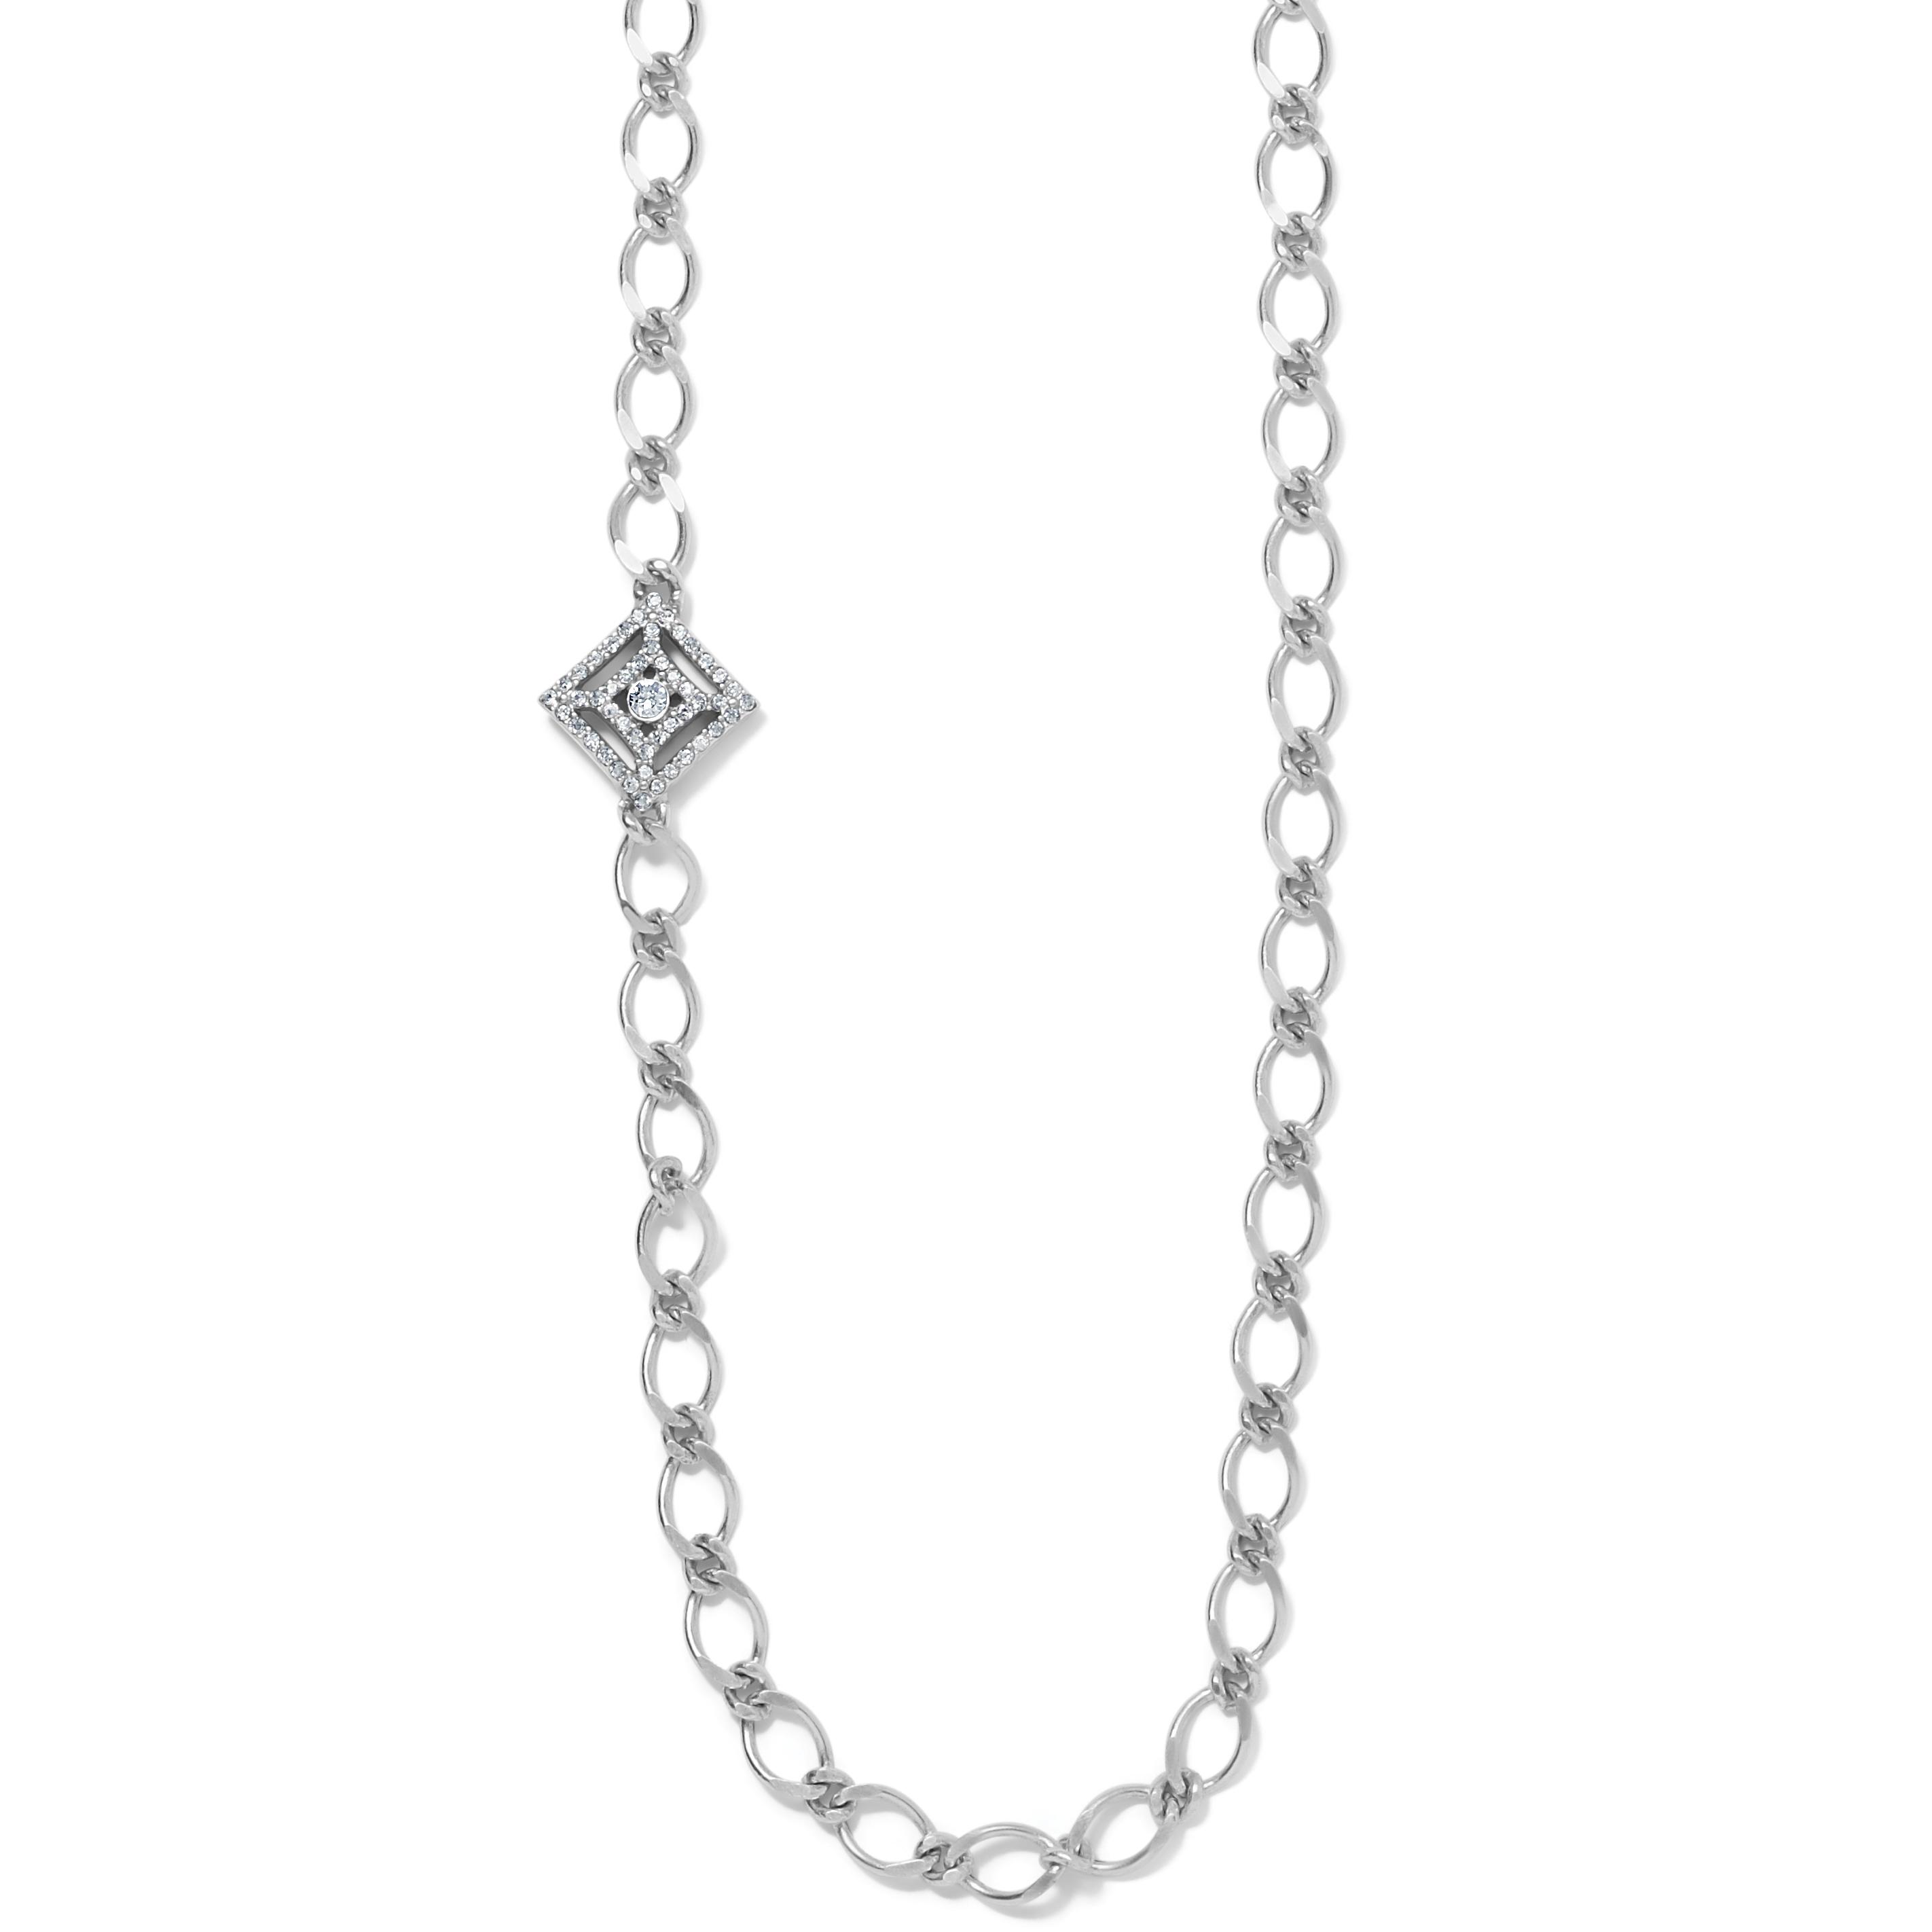 Illumina Diamond Collar Necklace from Brighton